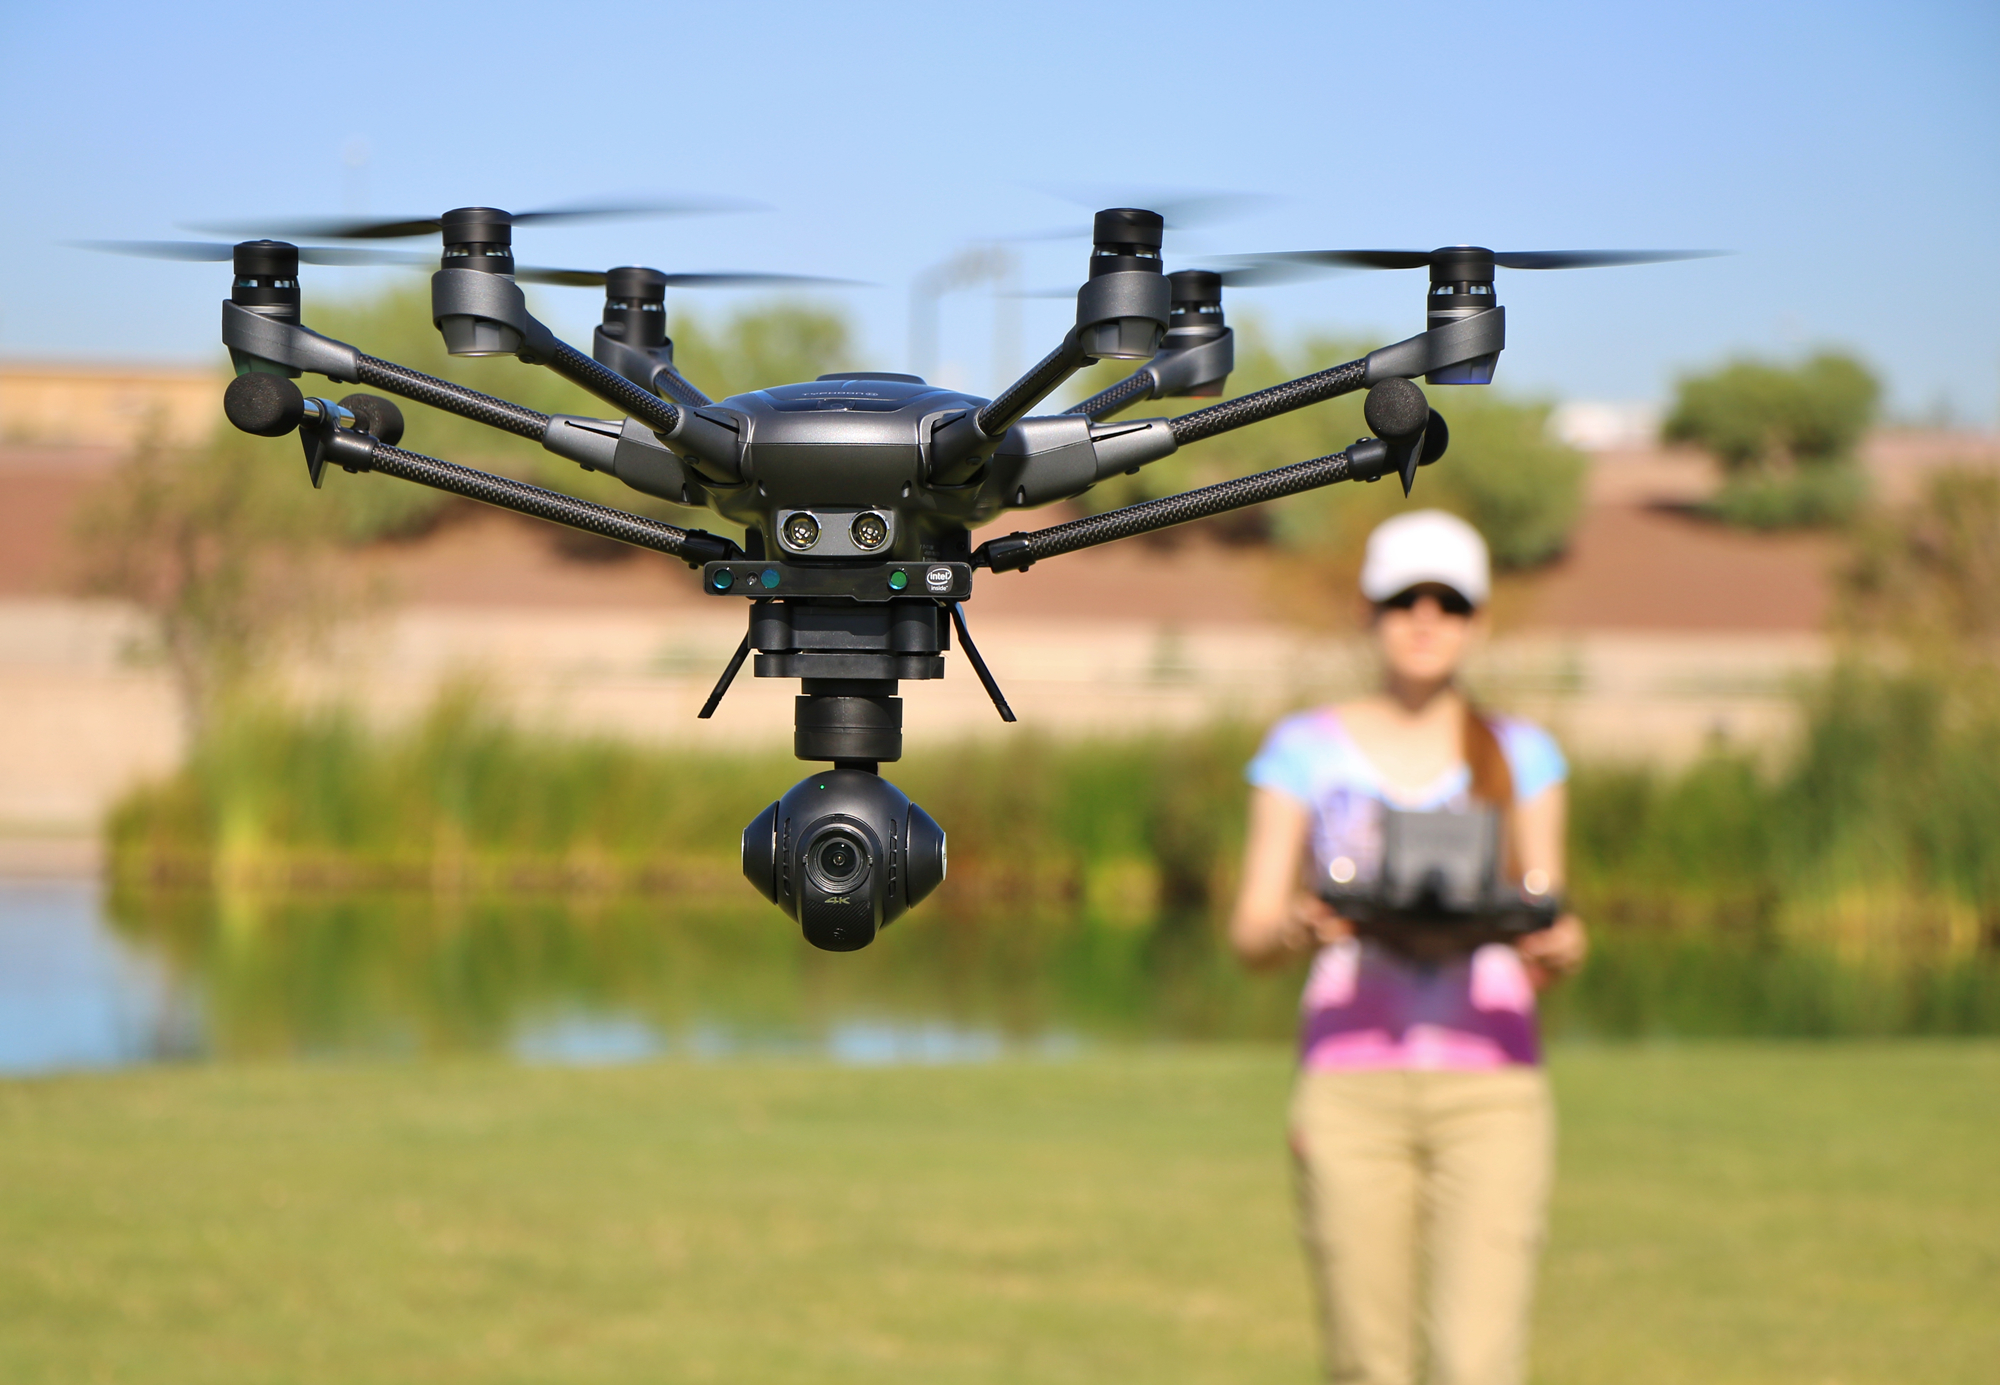 无锡:无人机飞行管理即将有章可循 提供禁飞区查询系统